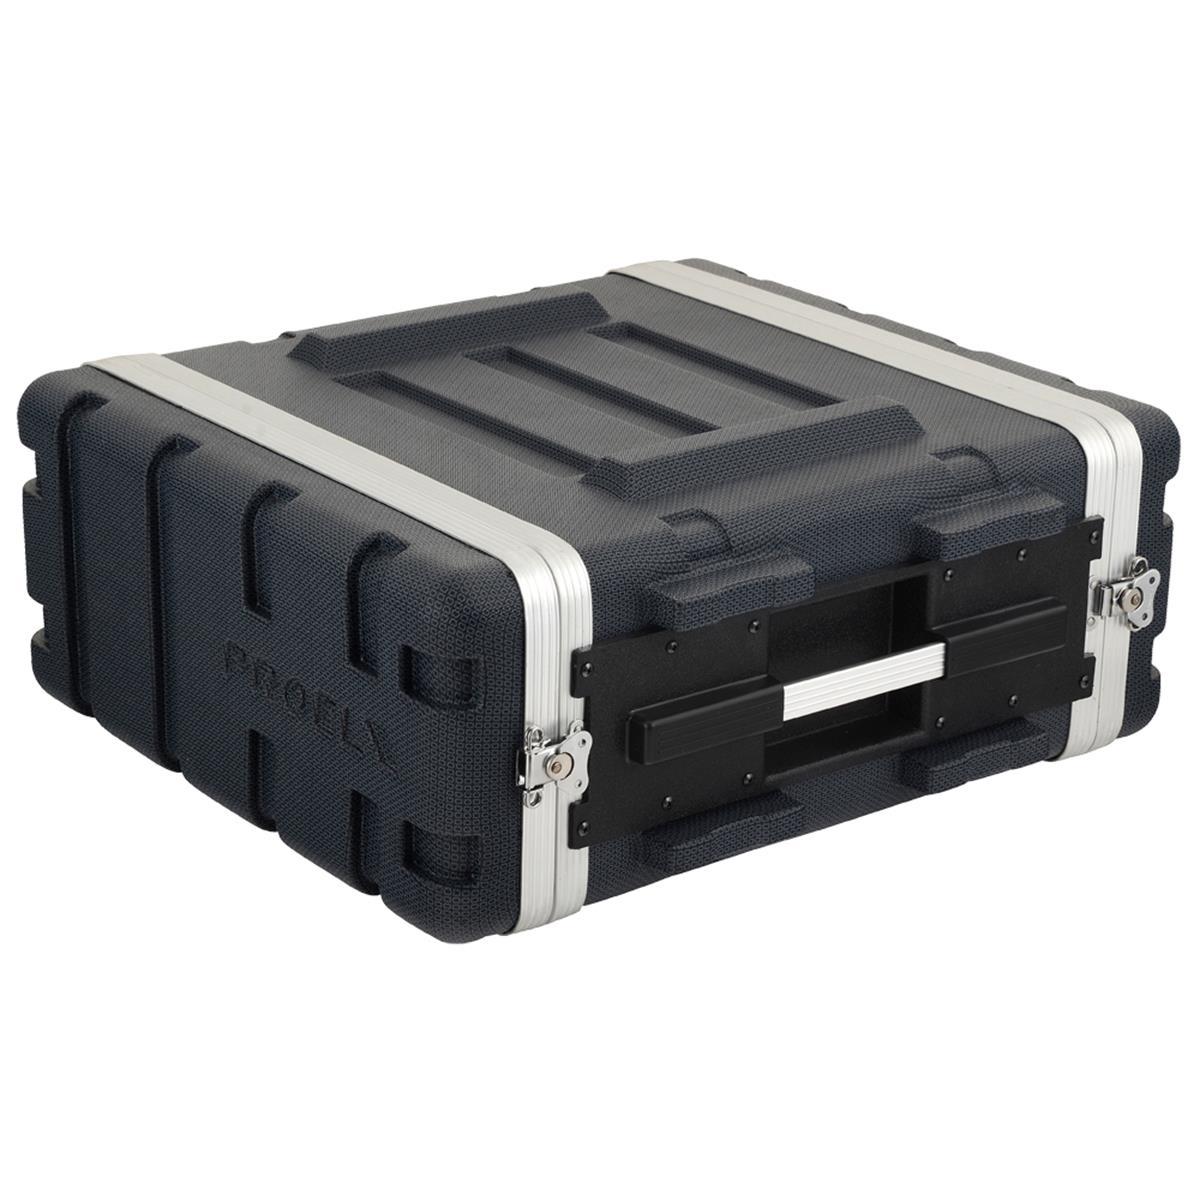 PROEL FORCE FOABSR4U RACK CASE 4 UNITà ABS - Dj Equipment Accessori - Borse e Custodie DJ